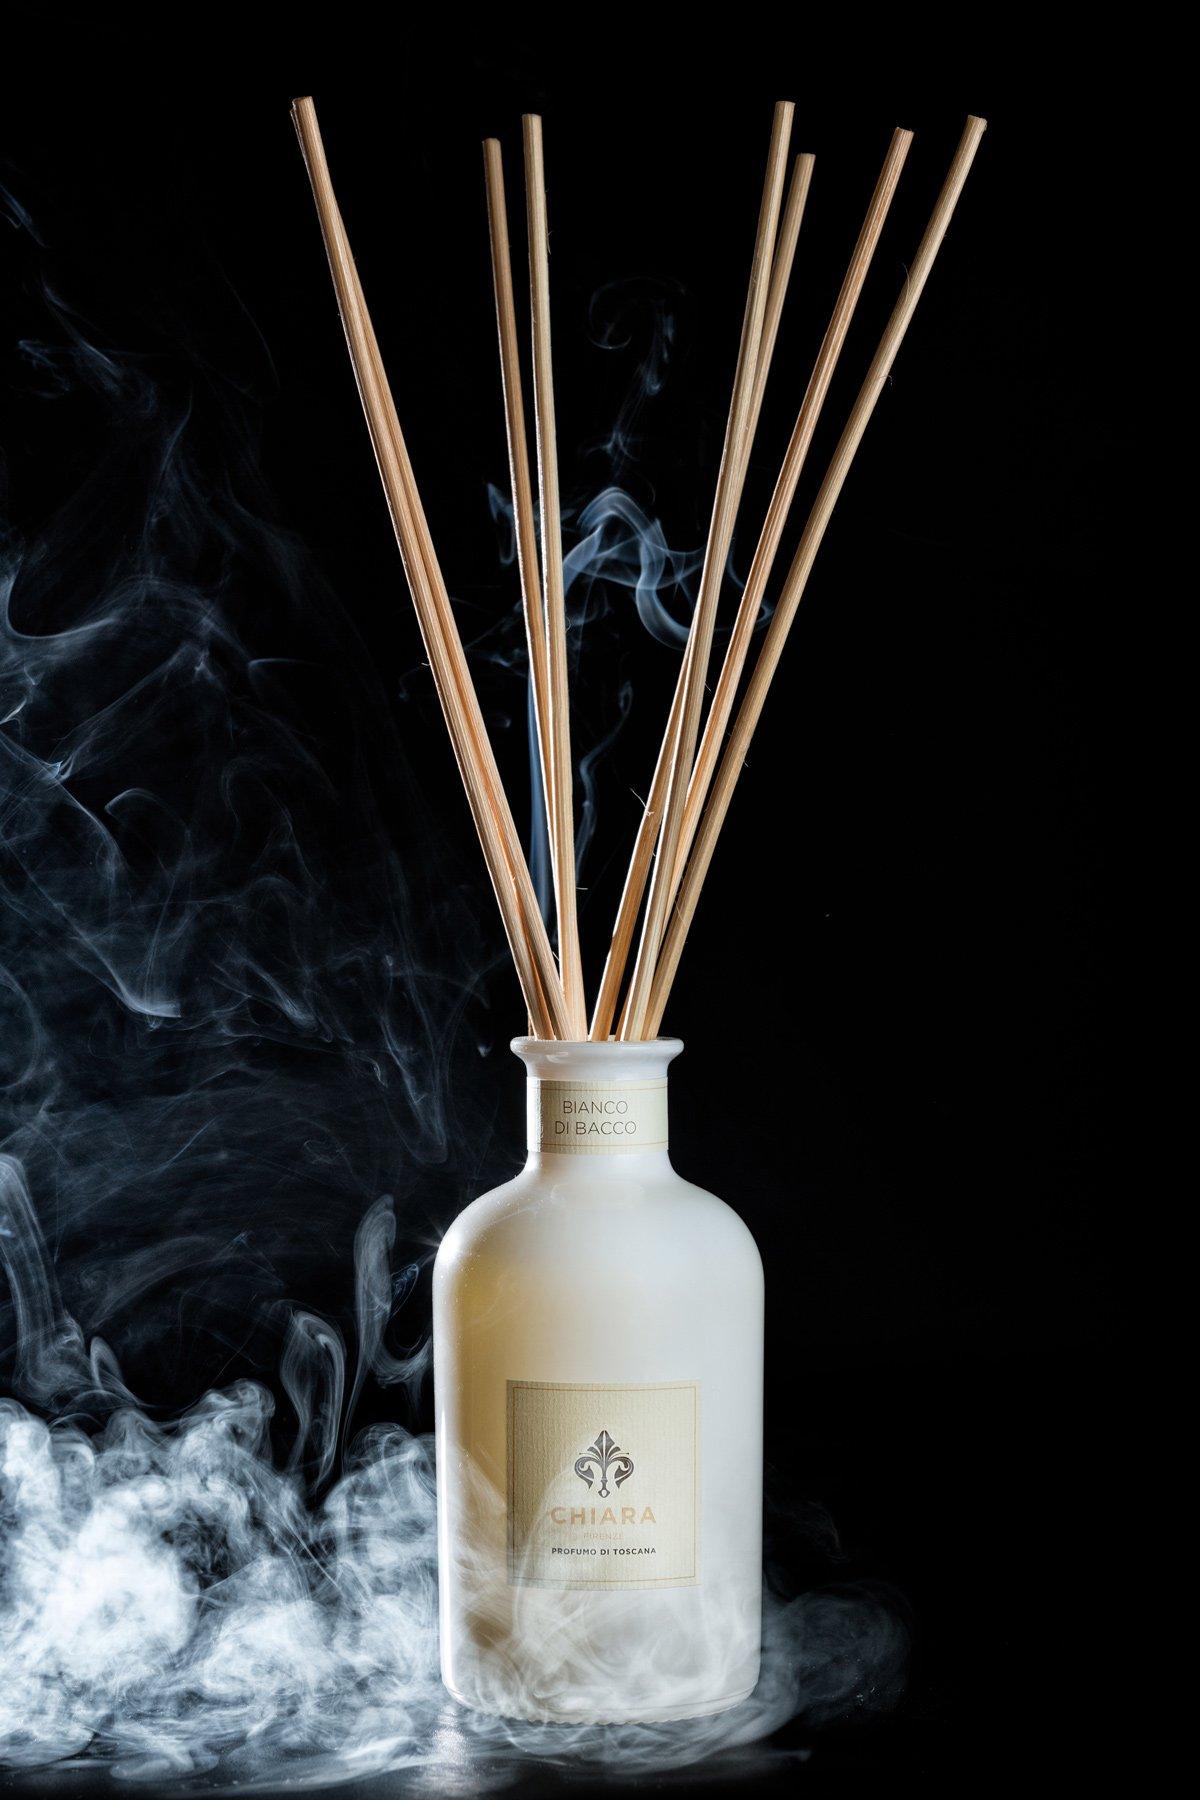 fotografia-di-still-life-stilllife-creativo-profumo-smoke-01